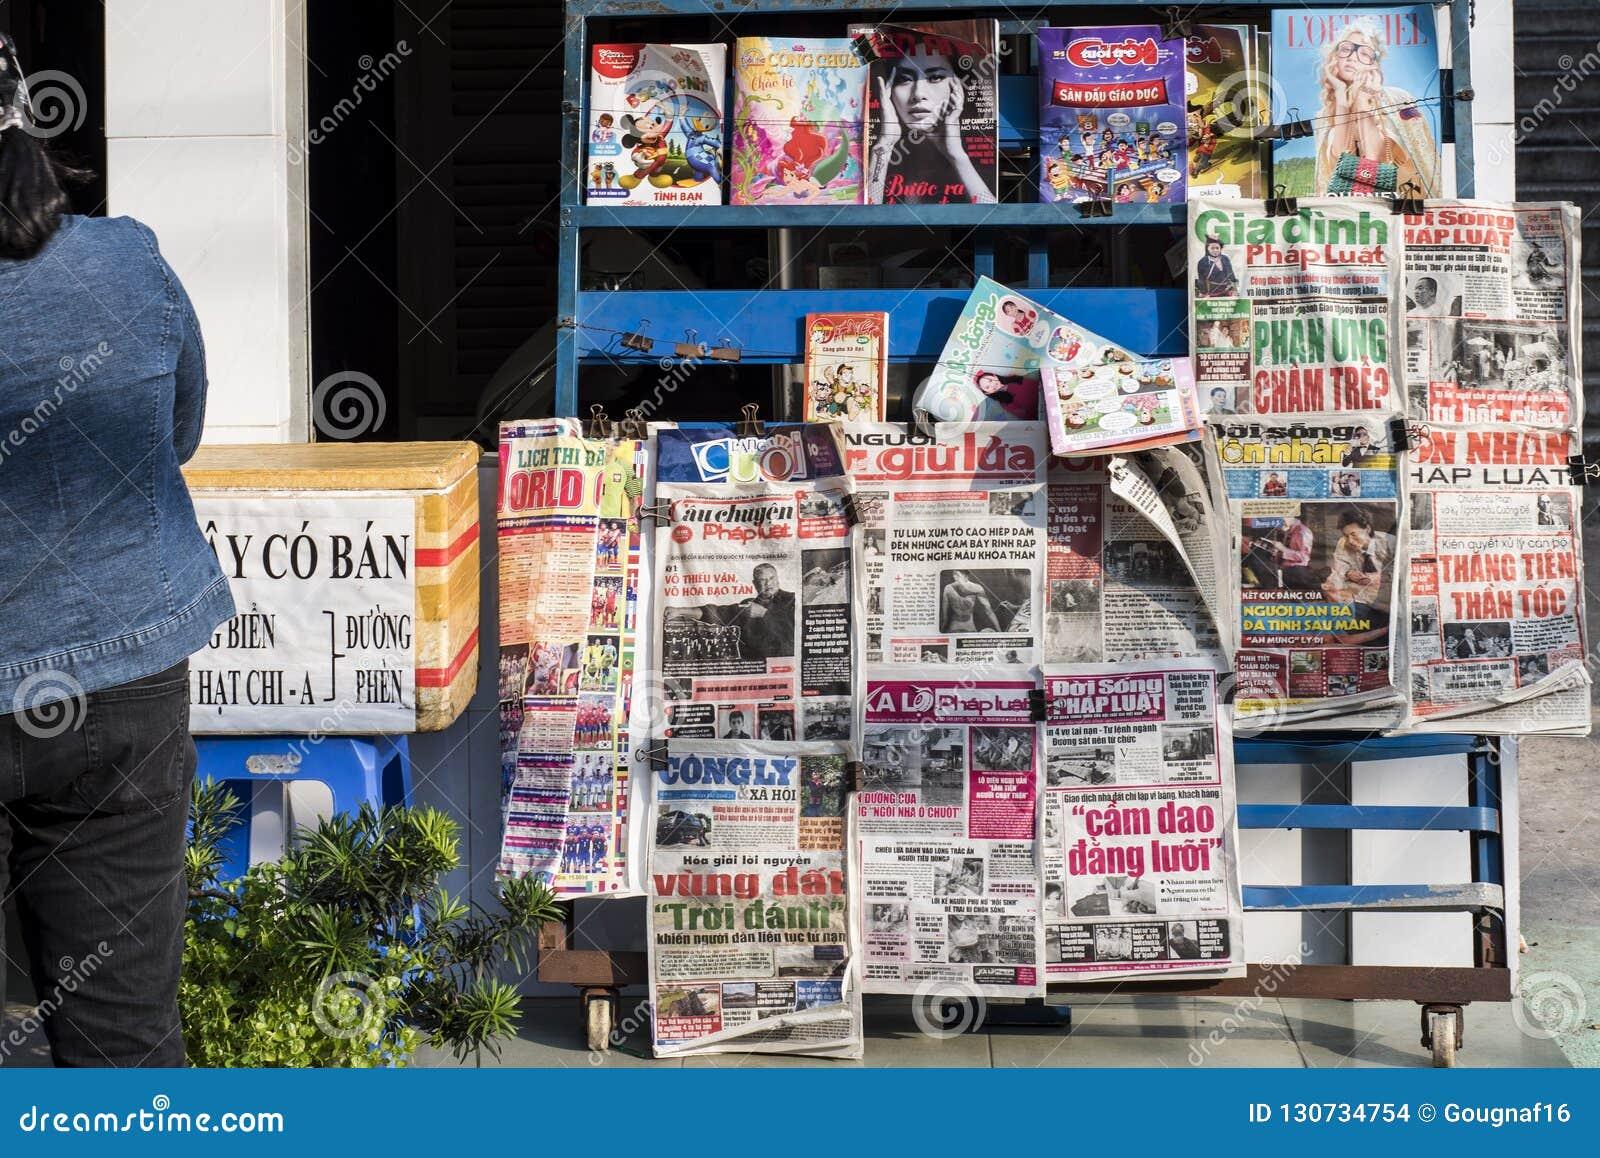 Jornais e compartimentos vietnamianos em um suporte em uma rua de Ho Chi Minh City em Vietname